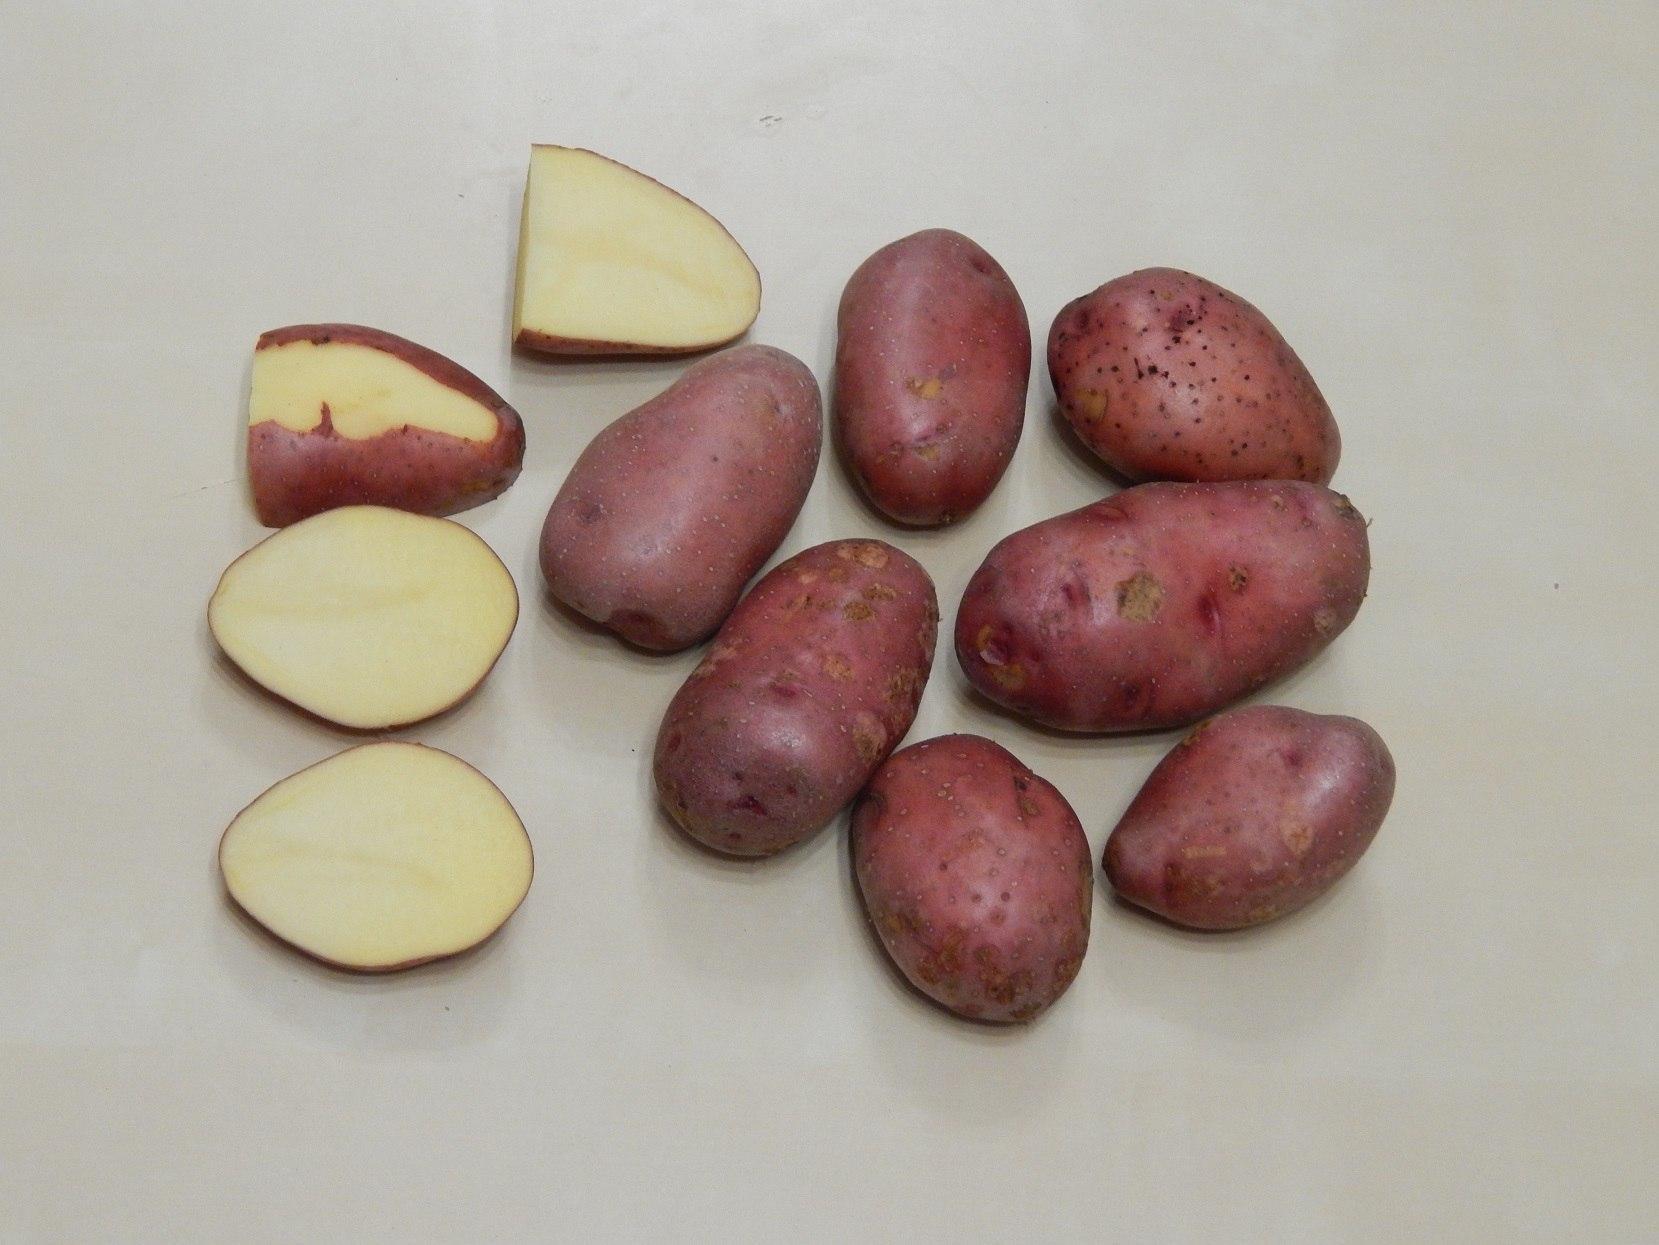 """Бесподобный картофель """"ажур"""" с подробным описанием сорта, наглядными фото и характеристикой русский фермер"""